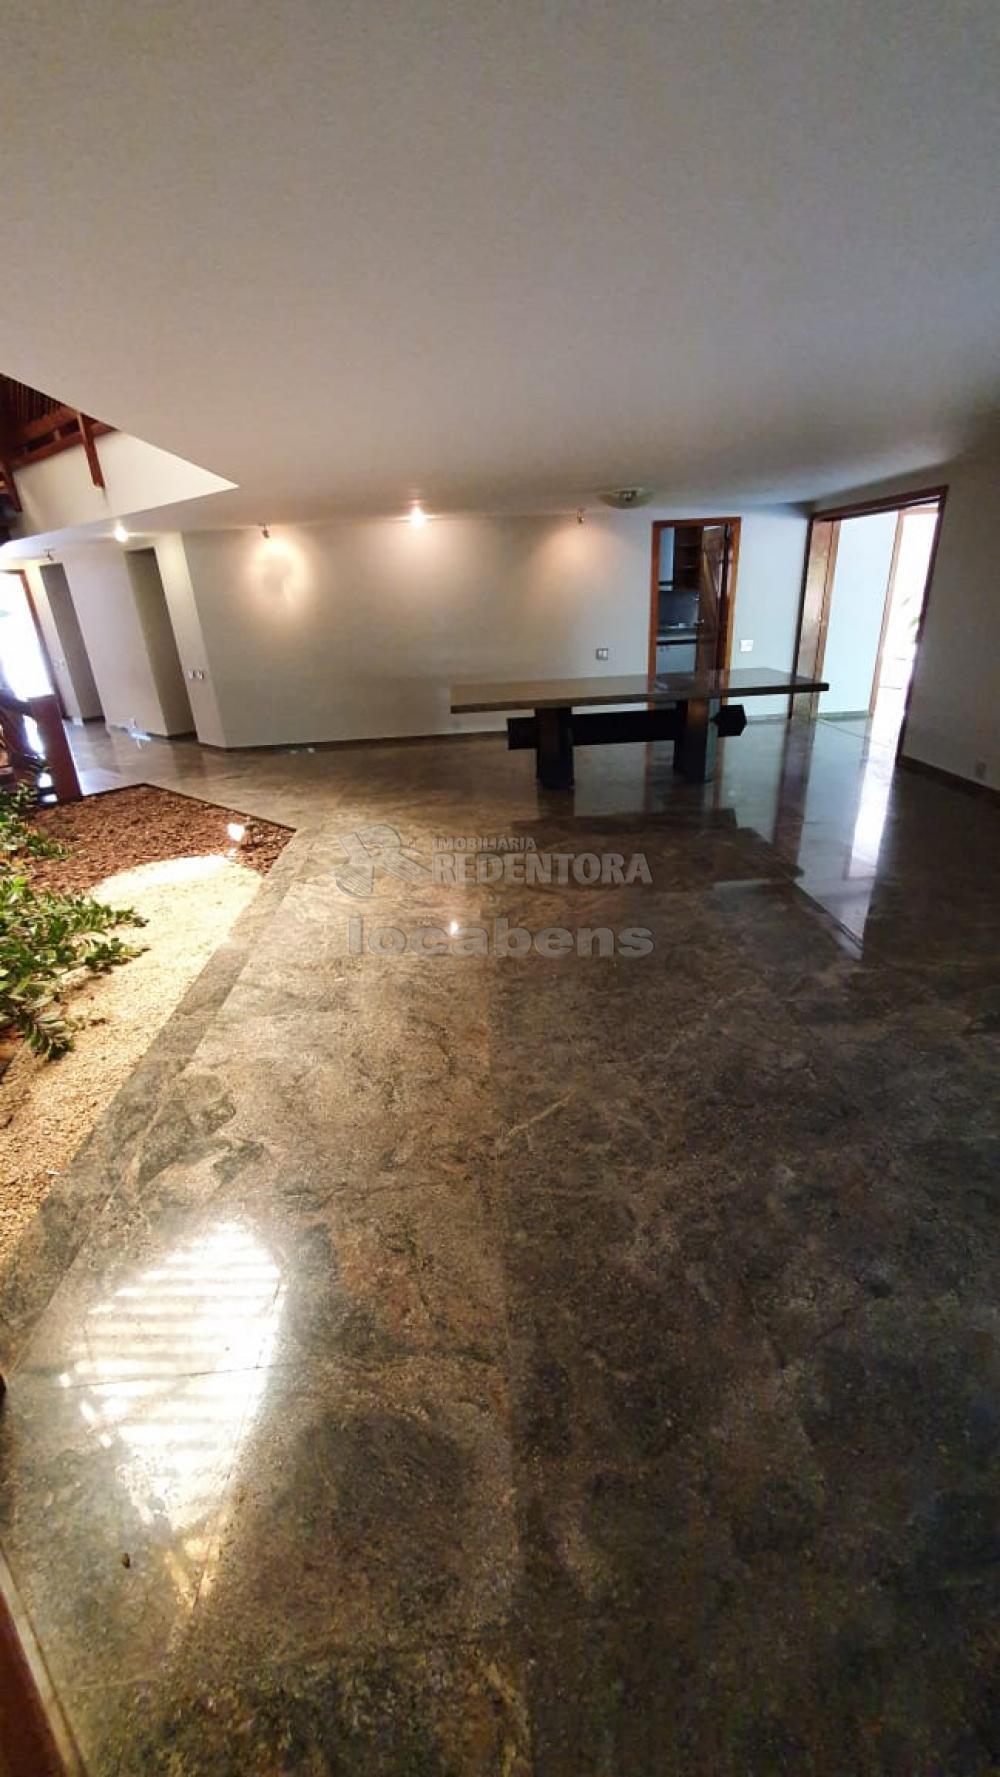 Comprar Casa / Condomínio em São José do Rio Preto R$ 3.500.000,00 - Foto 2